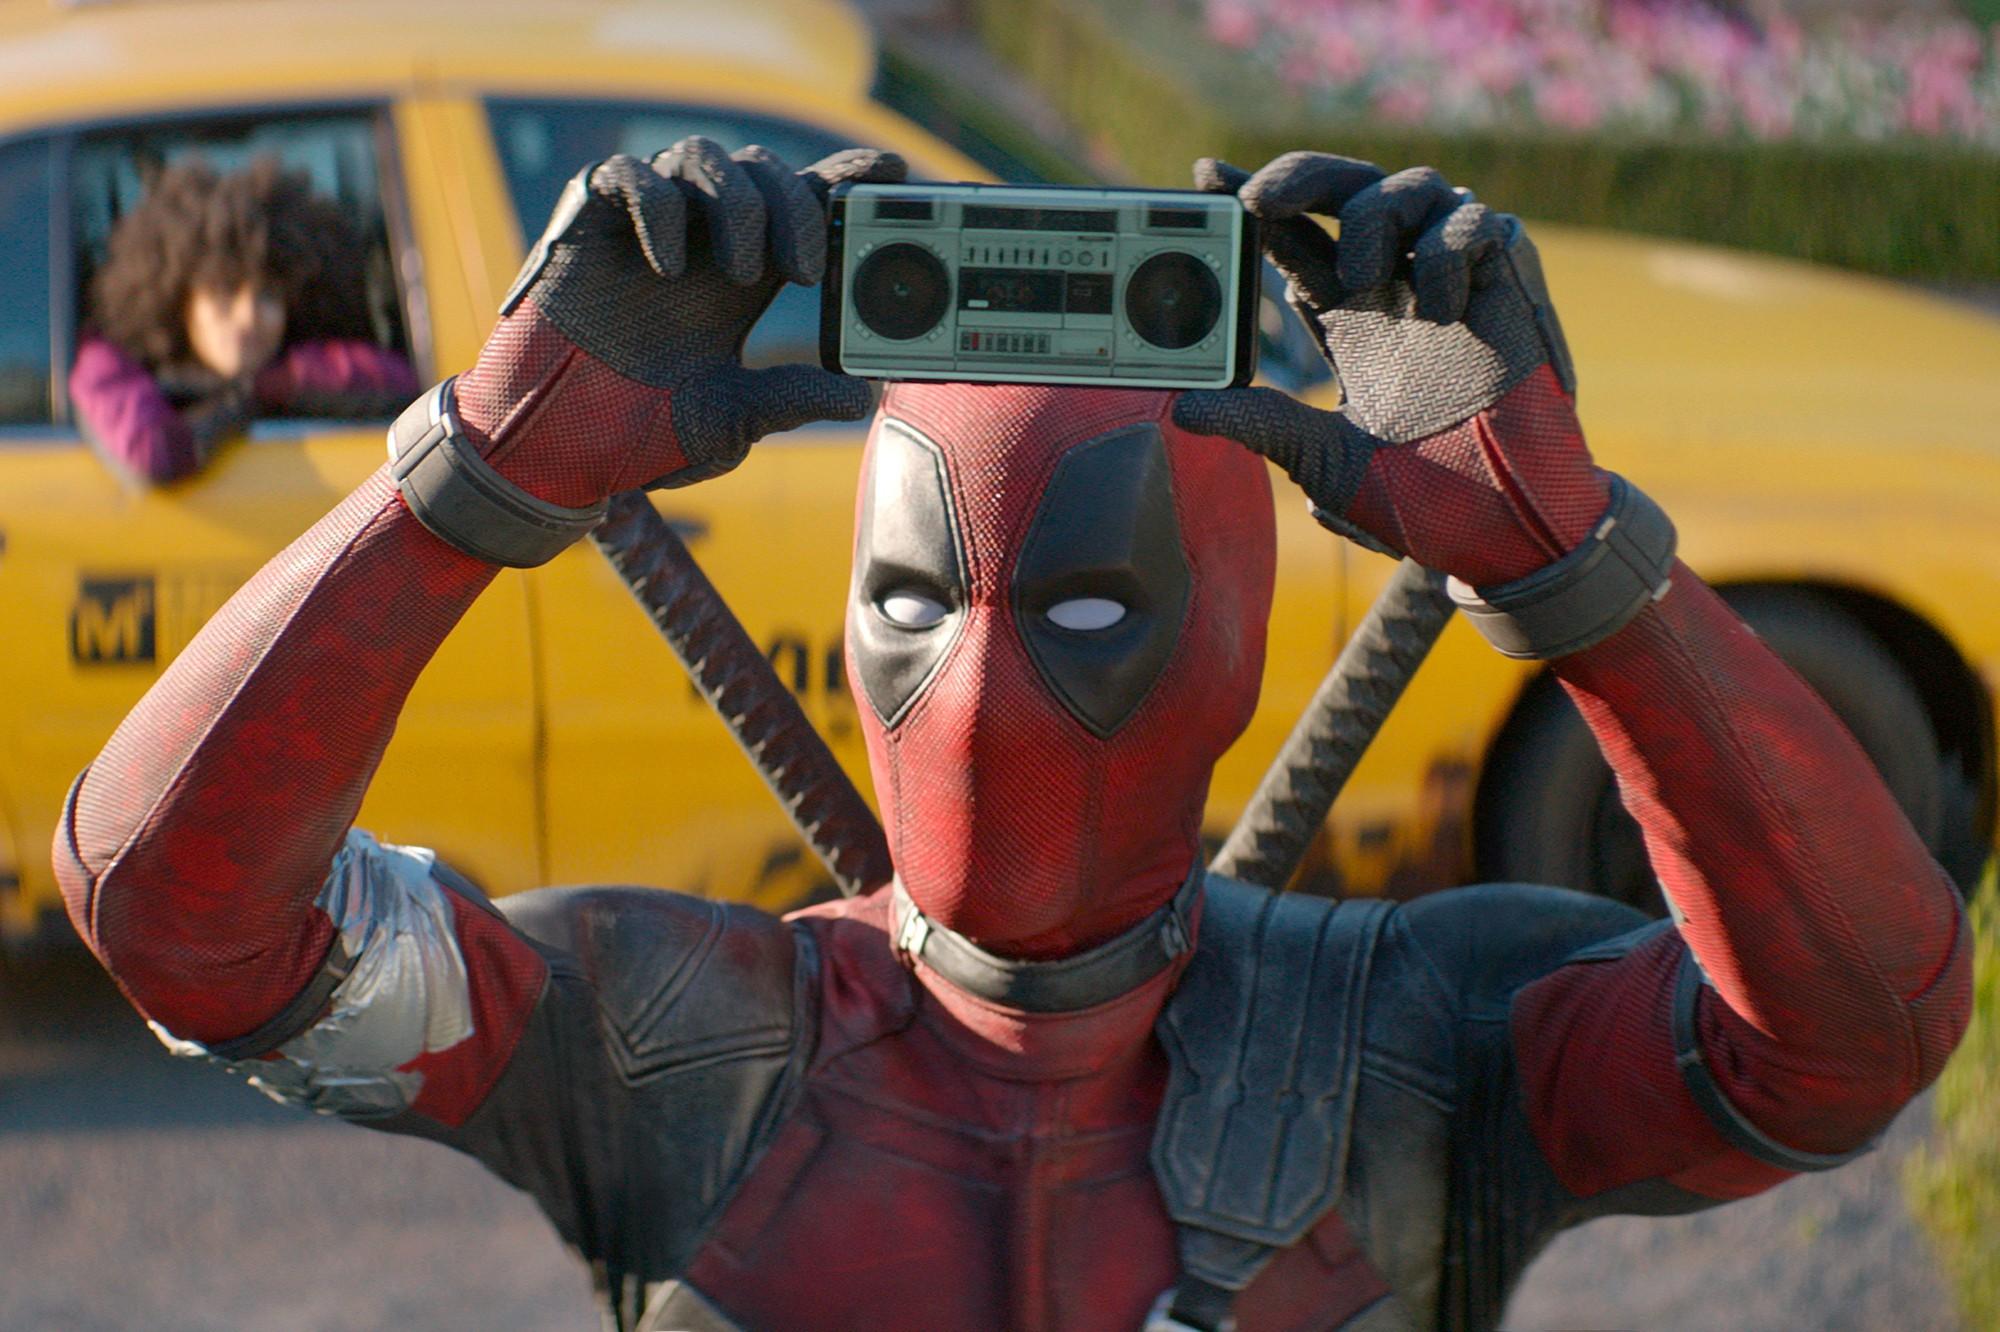 Fan Việt cười sảng sau khi xem bom tấn hài bựa Deadpool 2 - Ảnh 1.